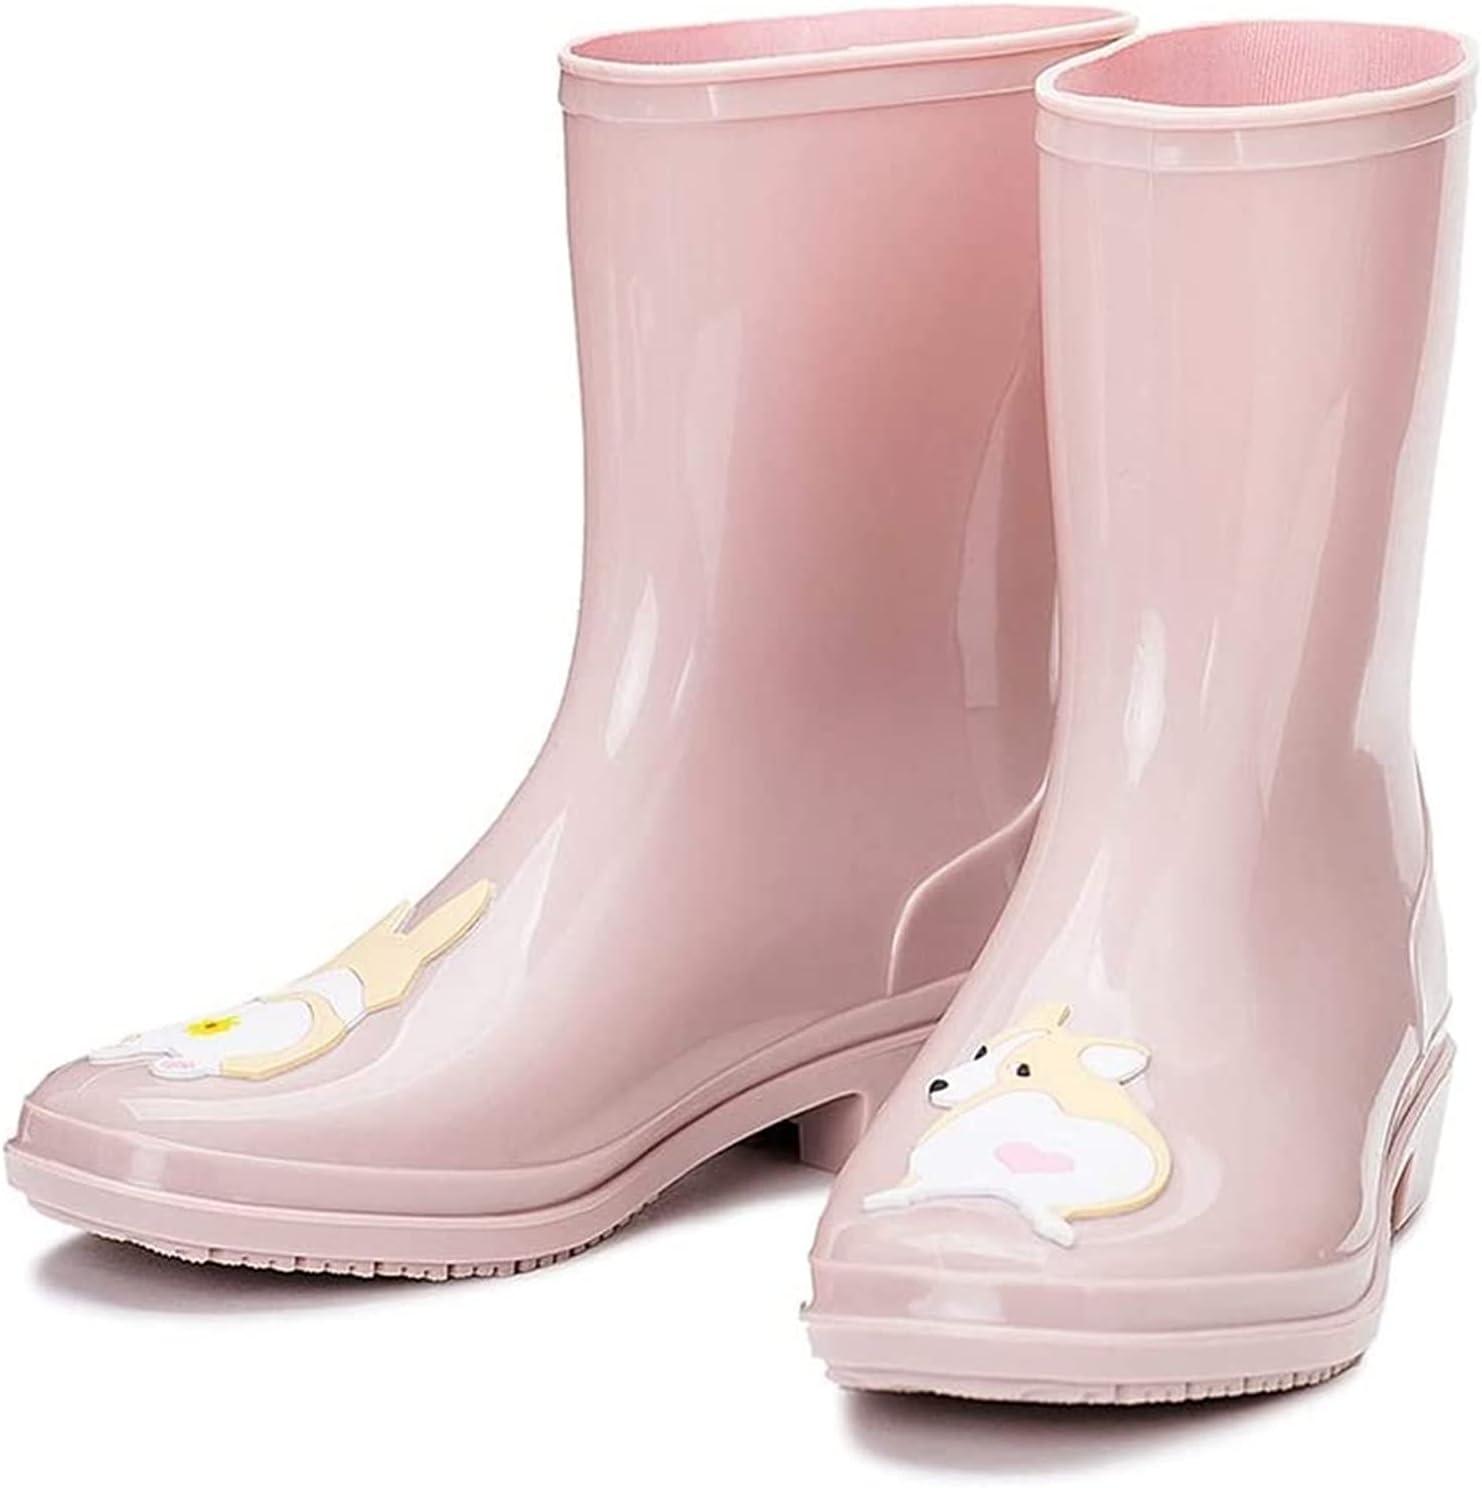 AMDHZ Women rain Boots San Max 49% OFF Jose Mall Women's Tube Middle Wa Rain Fashion